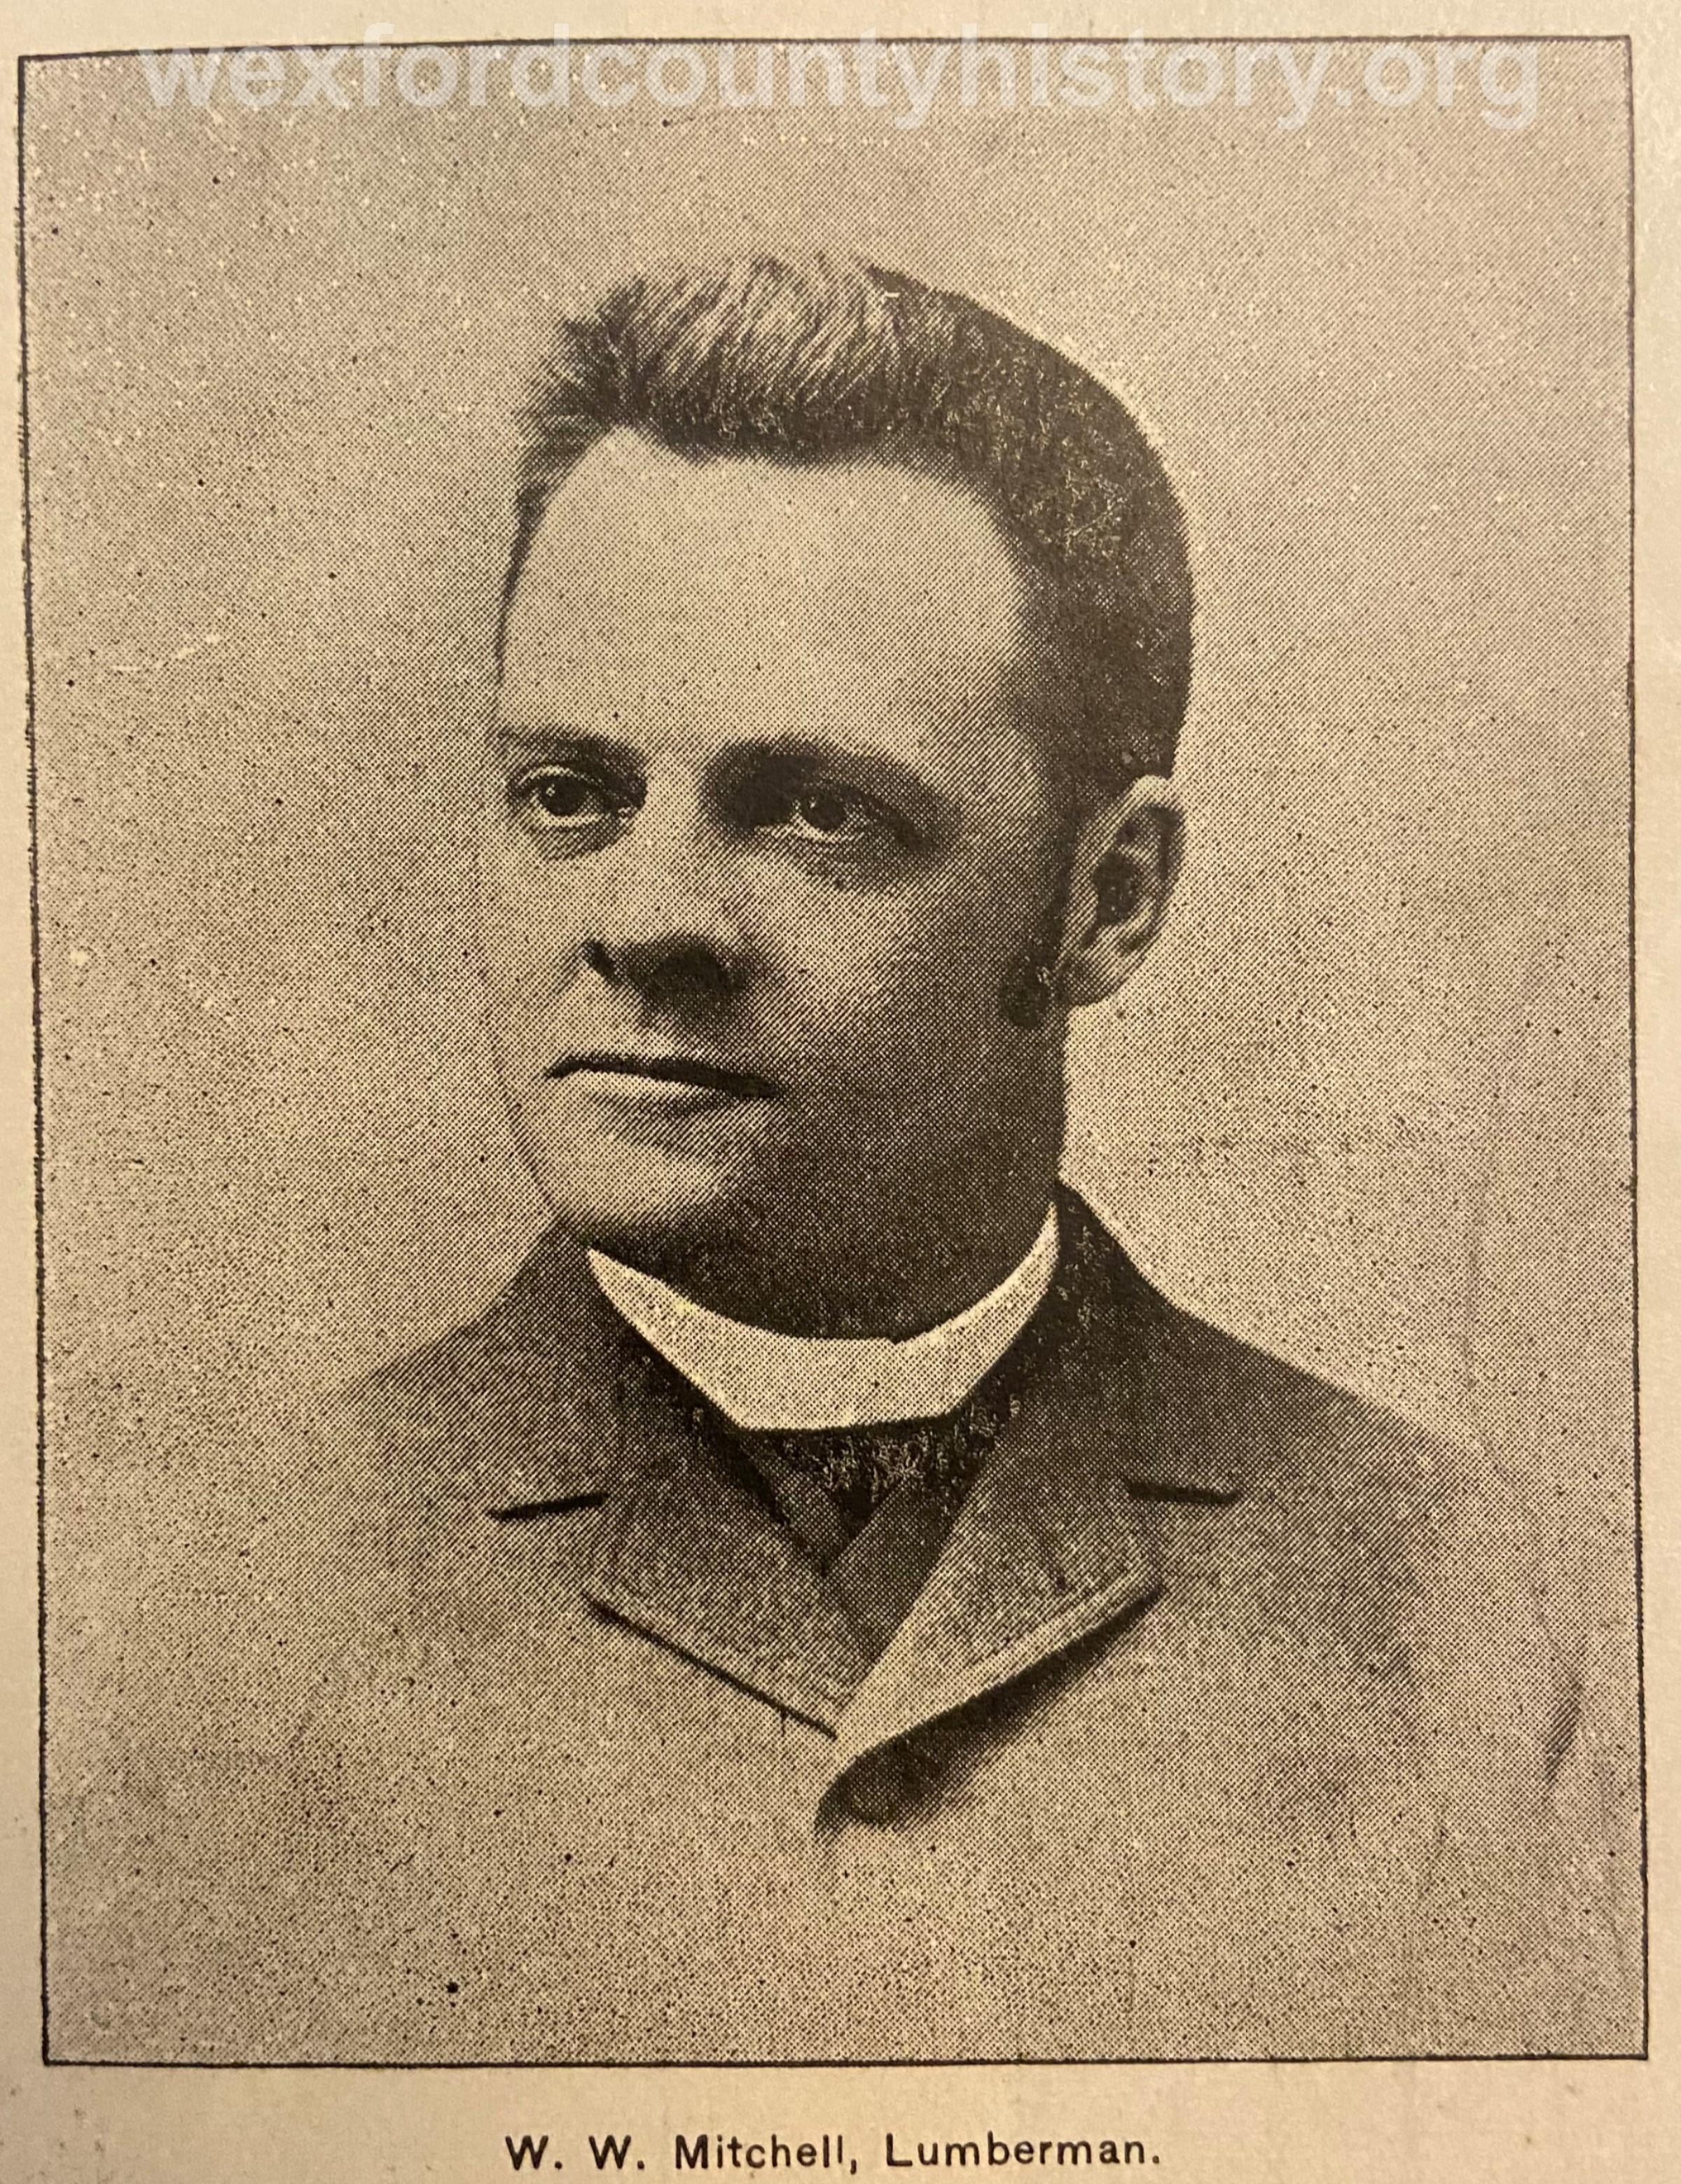 W. W. Mitchell